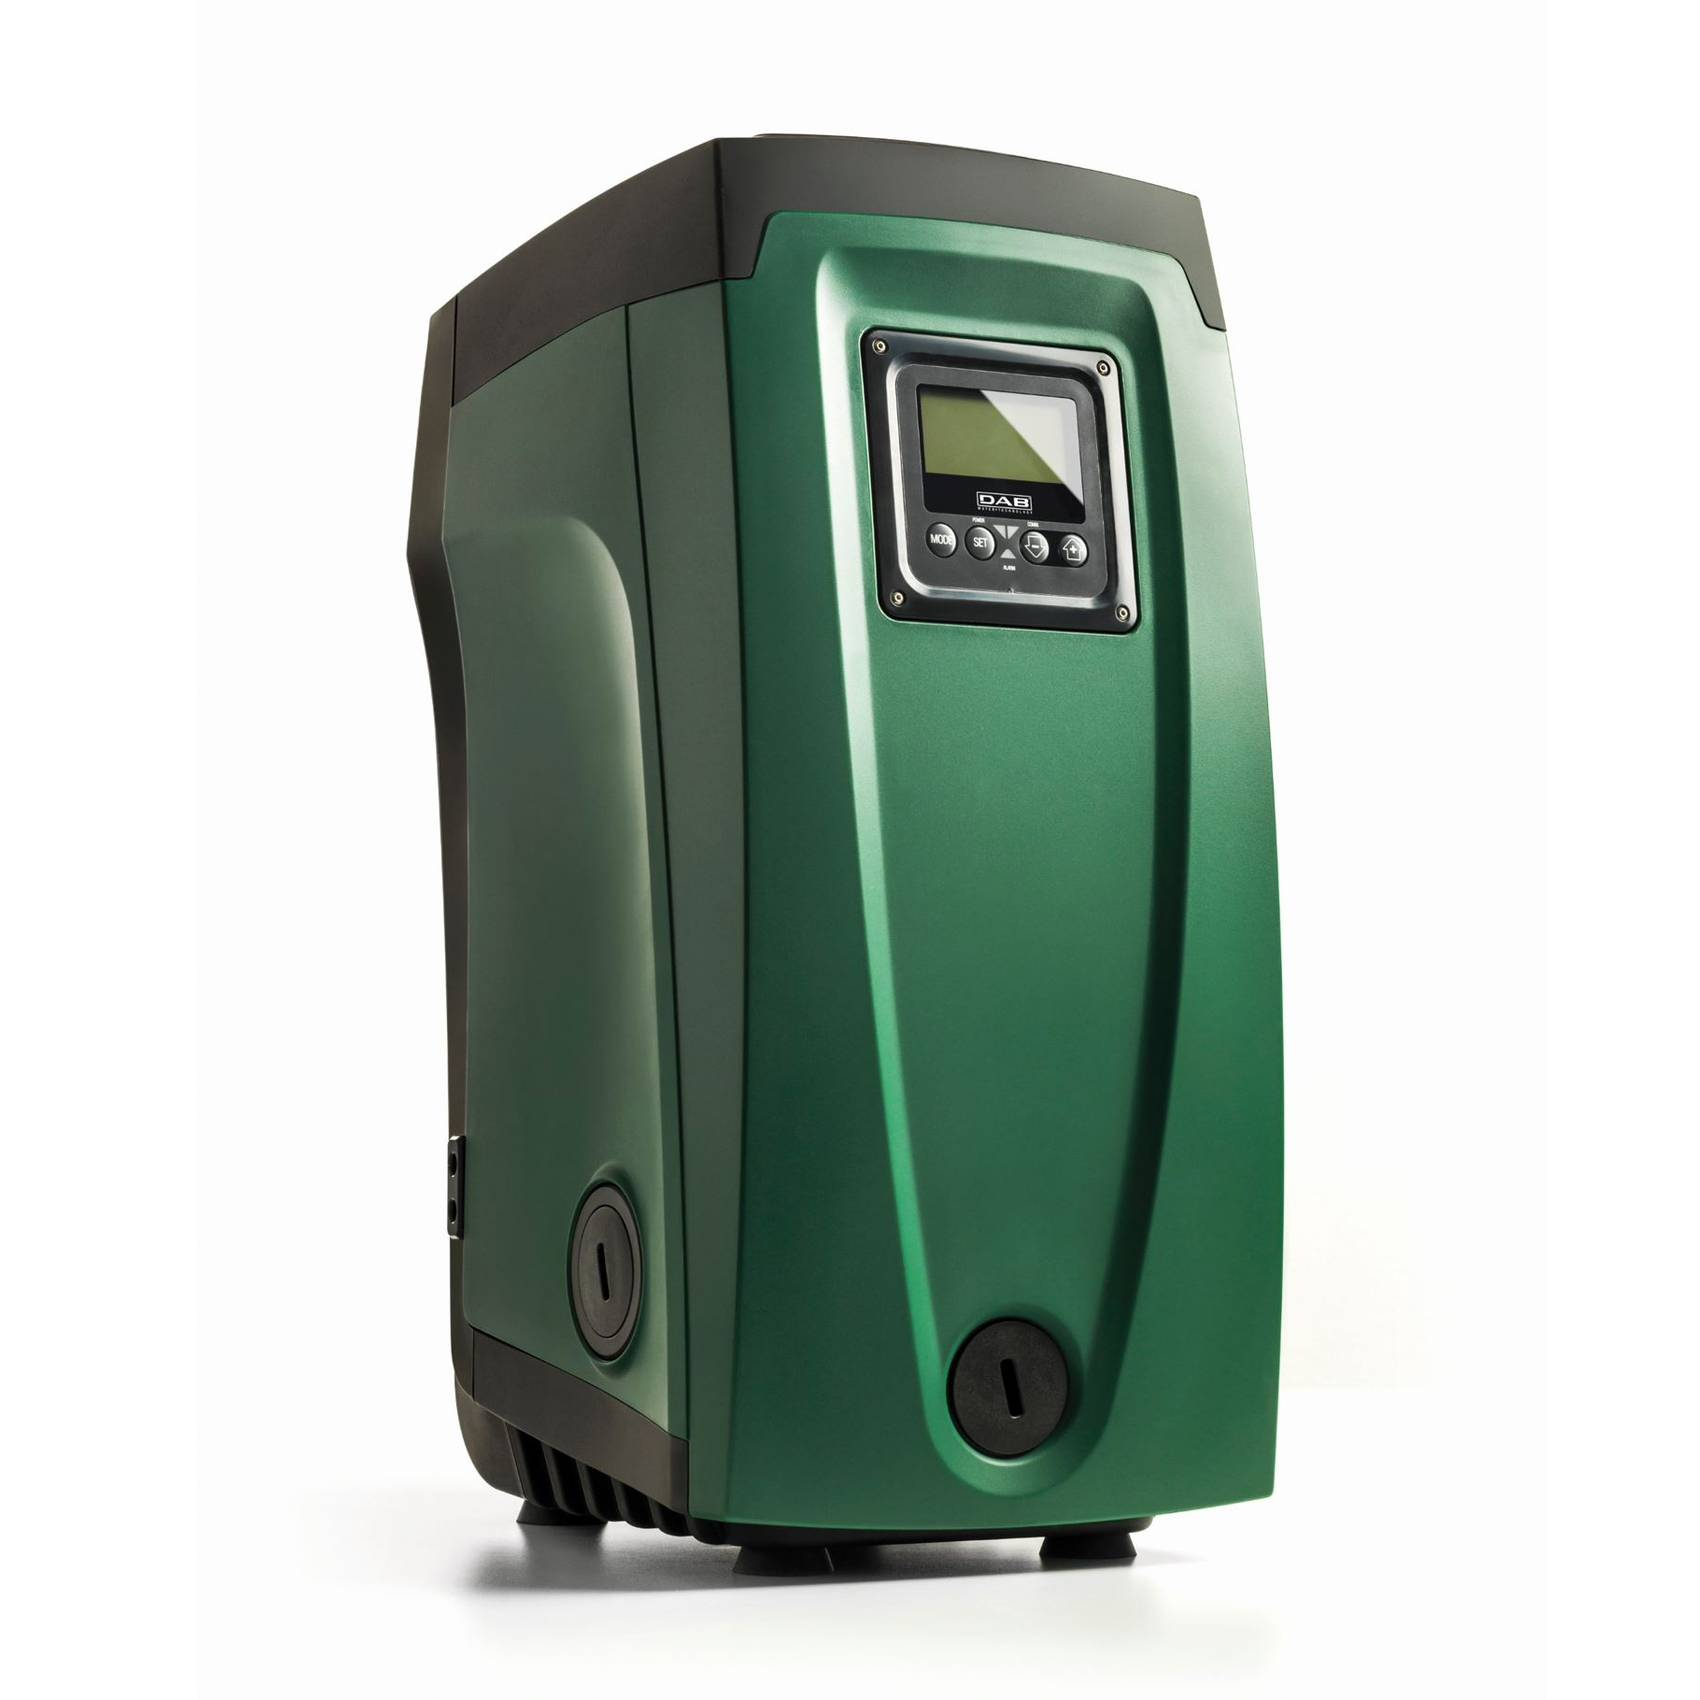 dab pompa per la pressurizzazione dab esybox + set di allacciamento